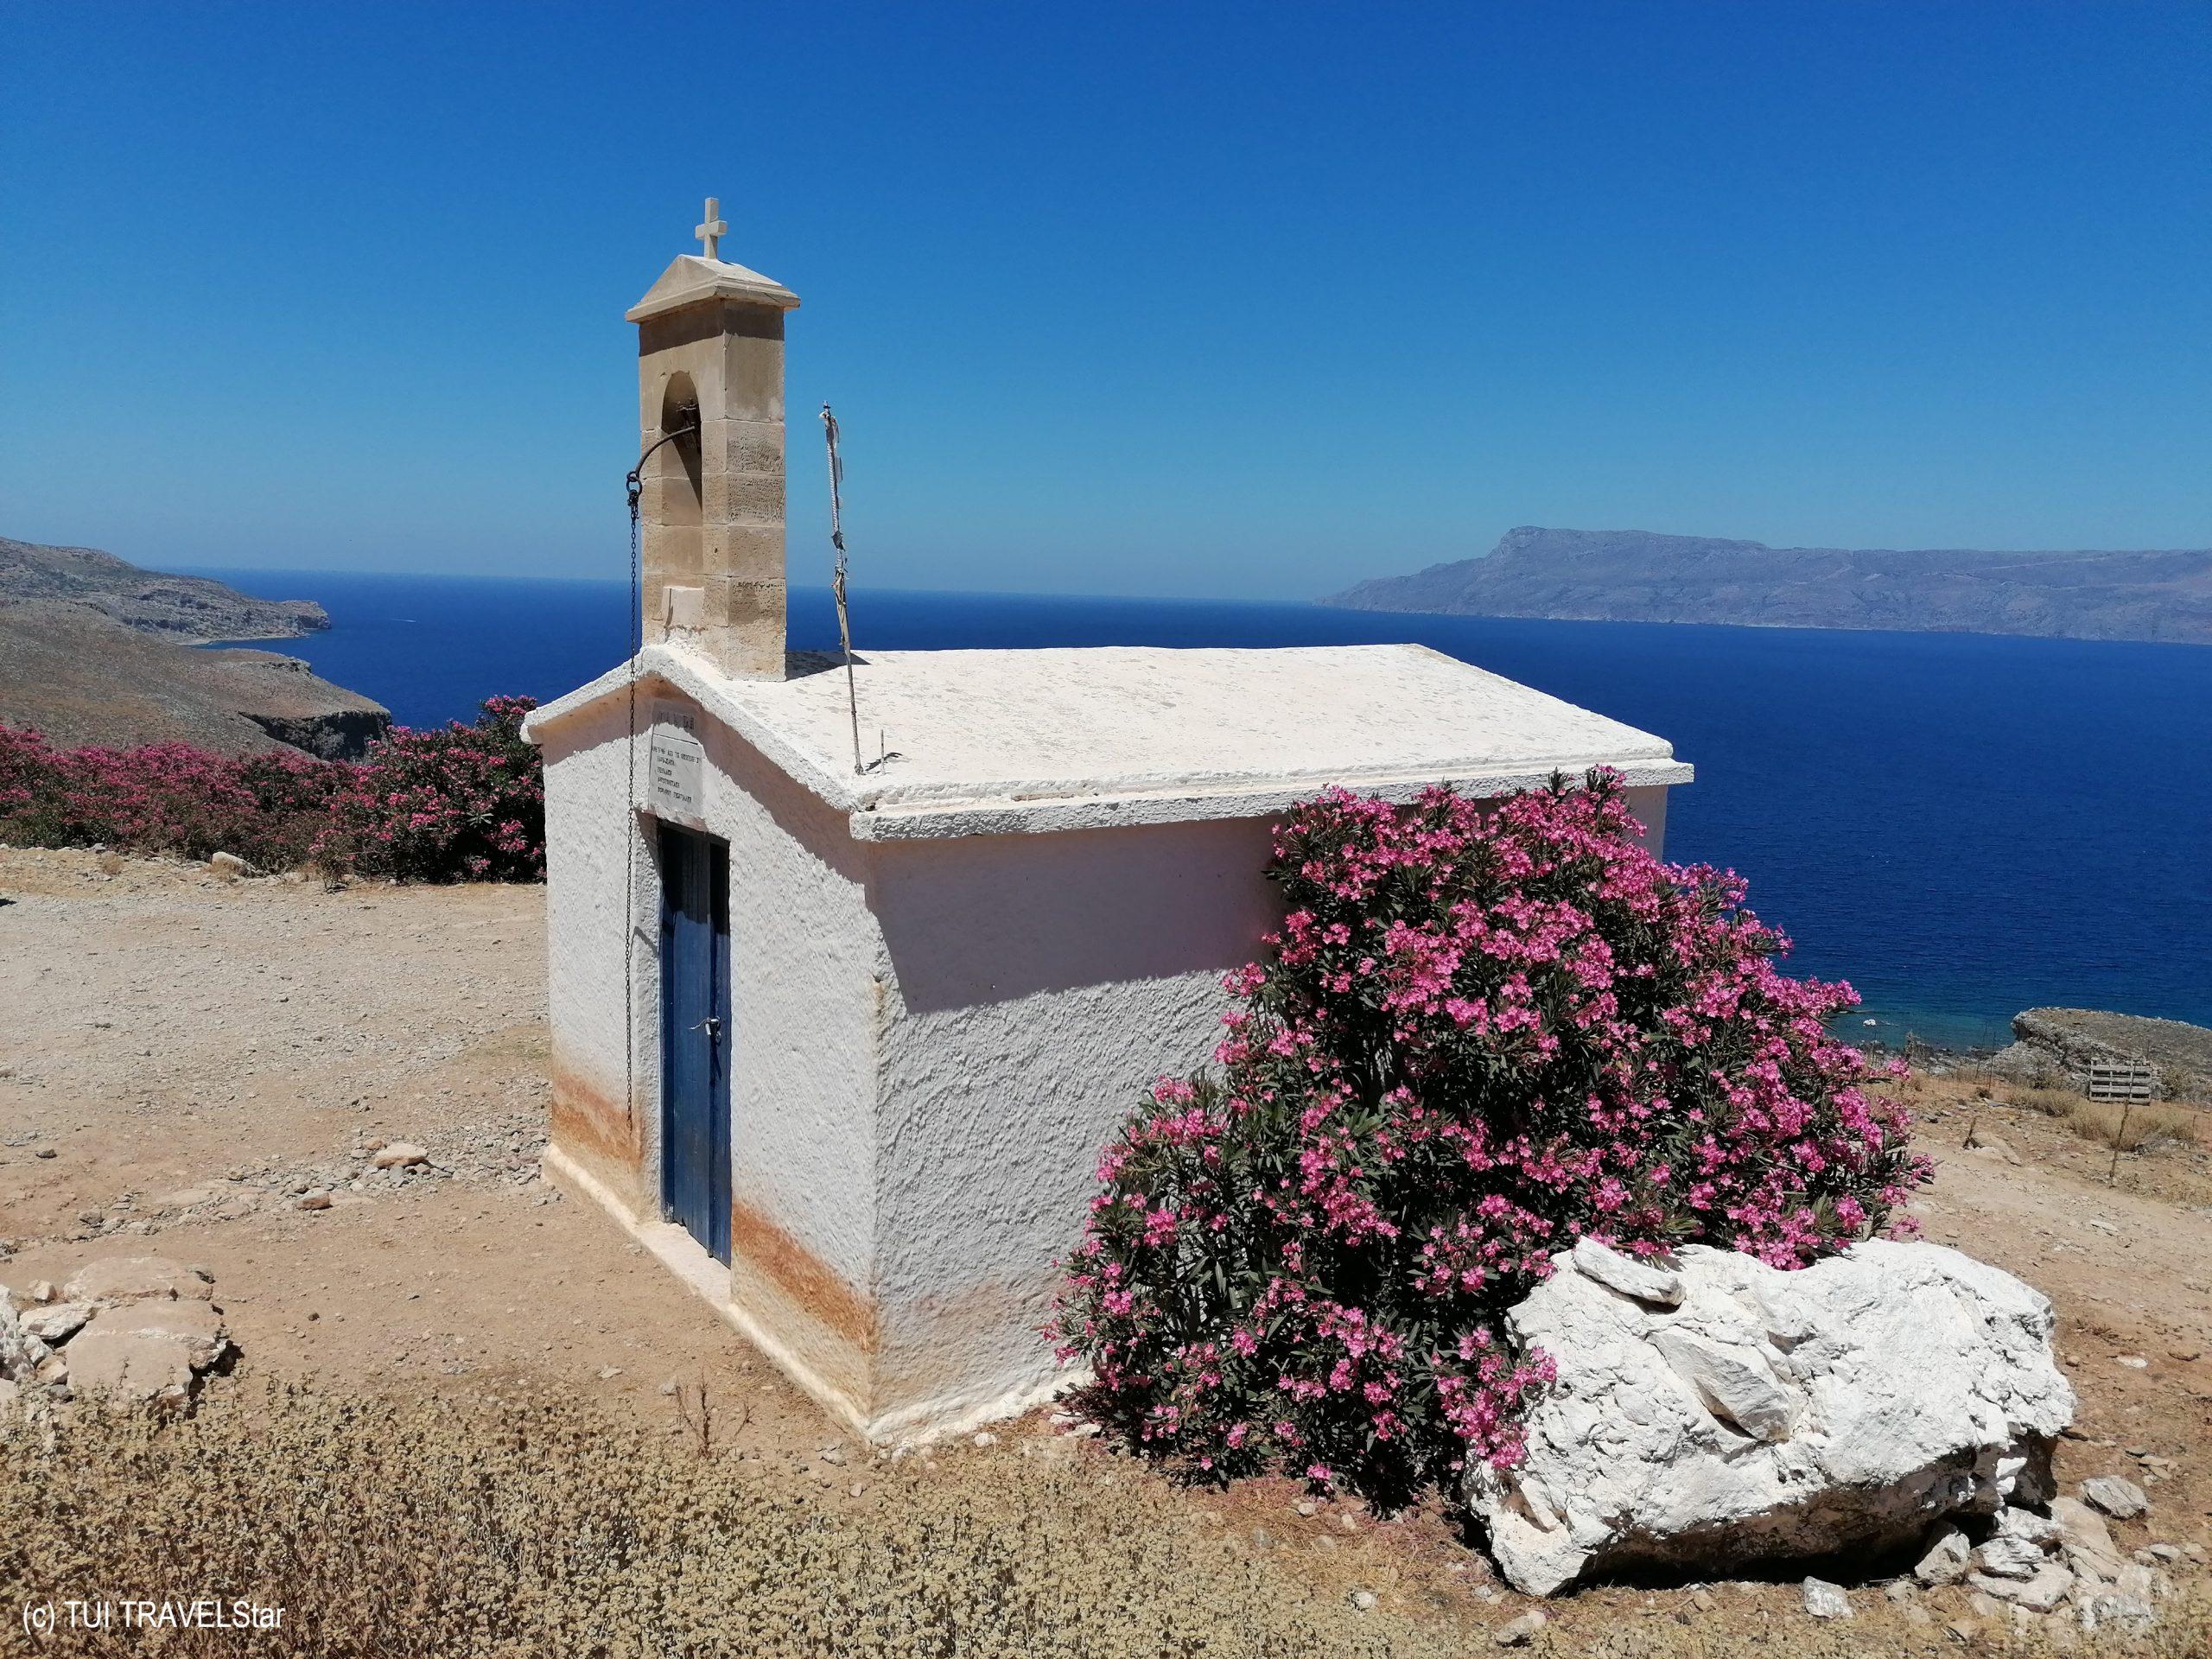 Mein 3-tägiger Kurztrip nach Kreta – die Insel der Götter